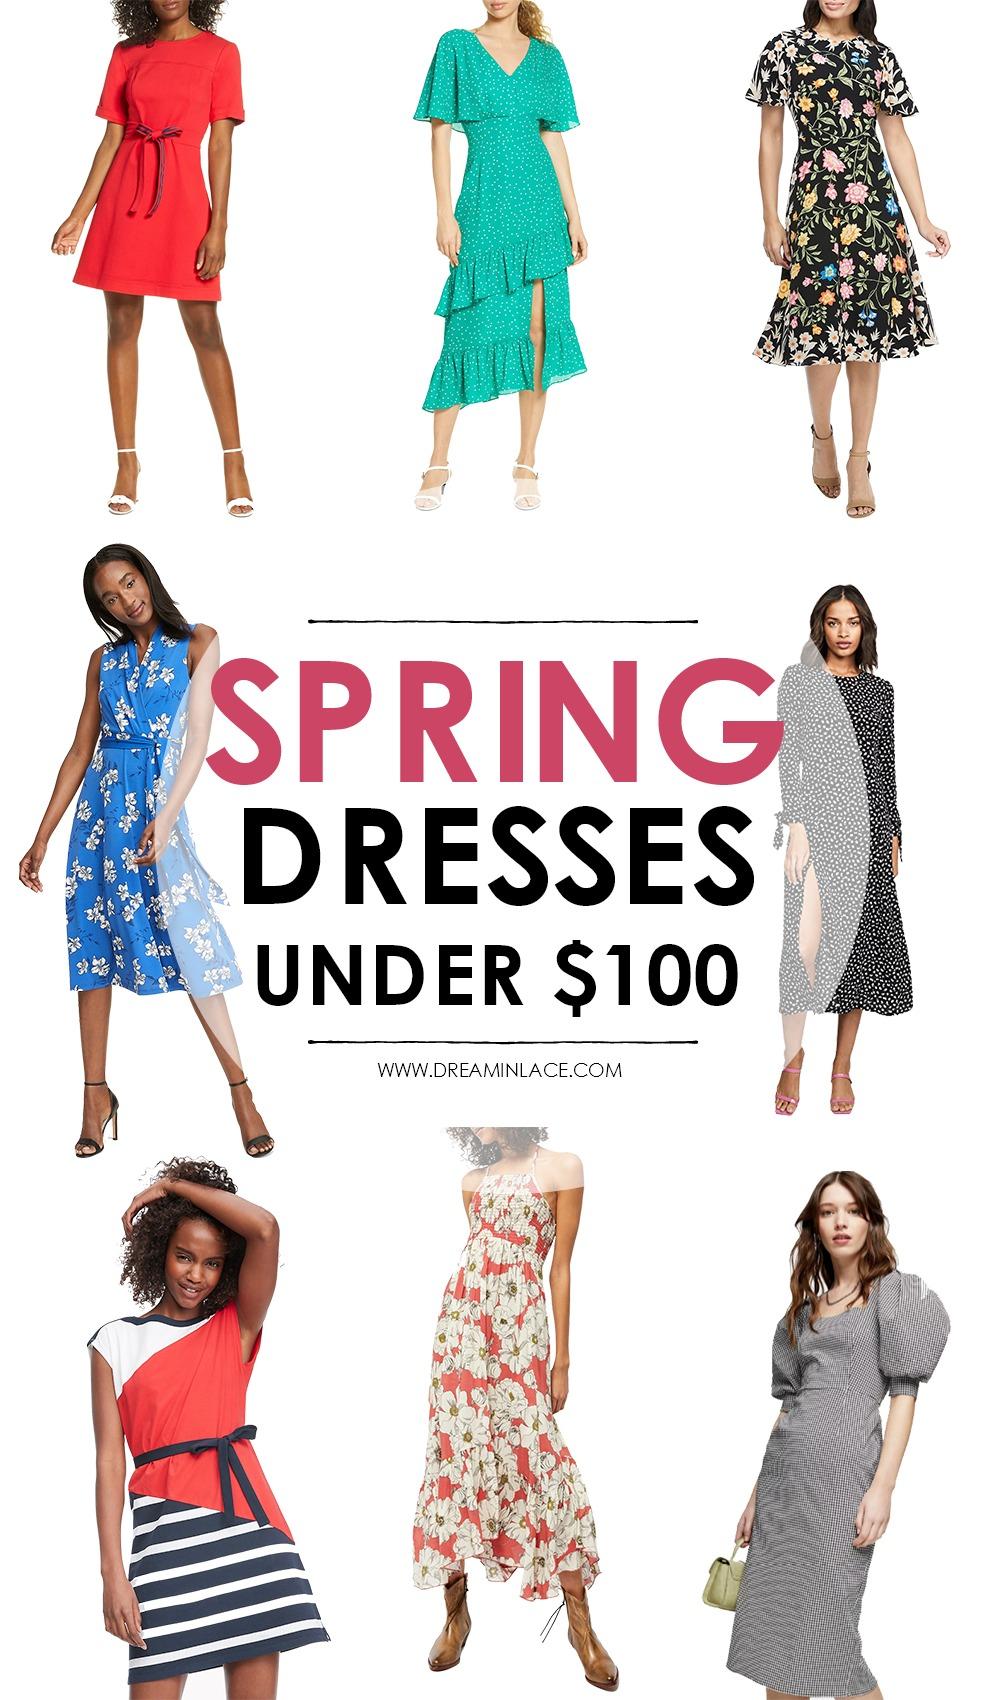 Spring Dresses Under $100 I DreaminLace.com